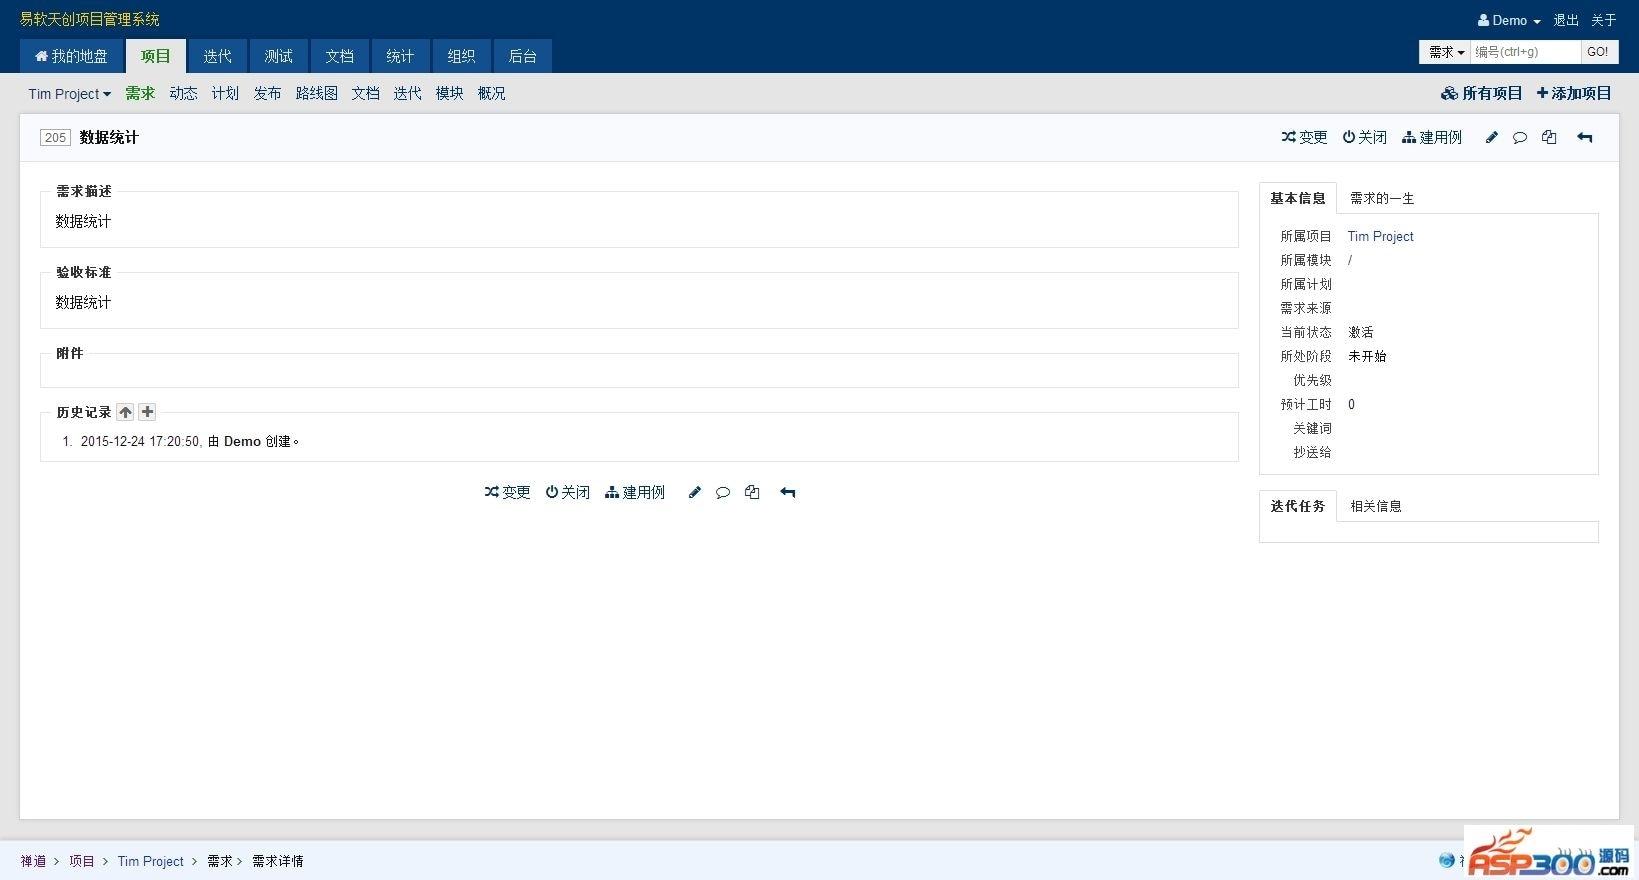 禅道项目管理软件 v12.4.2 开源版